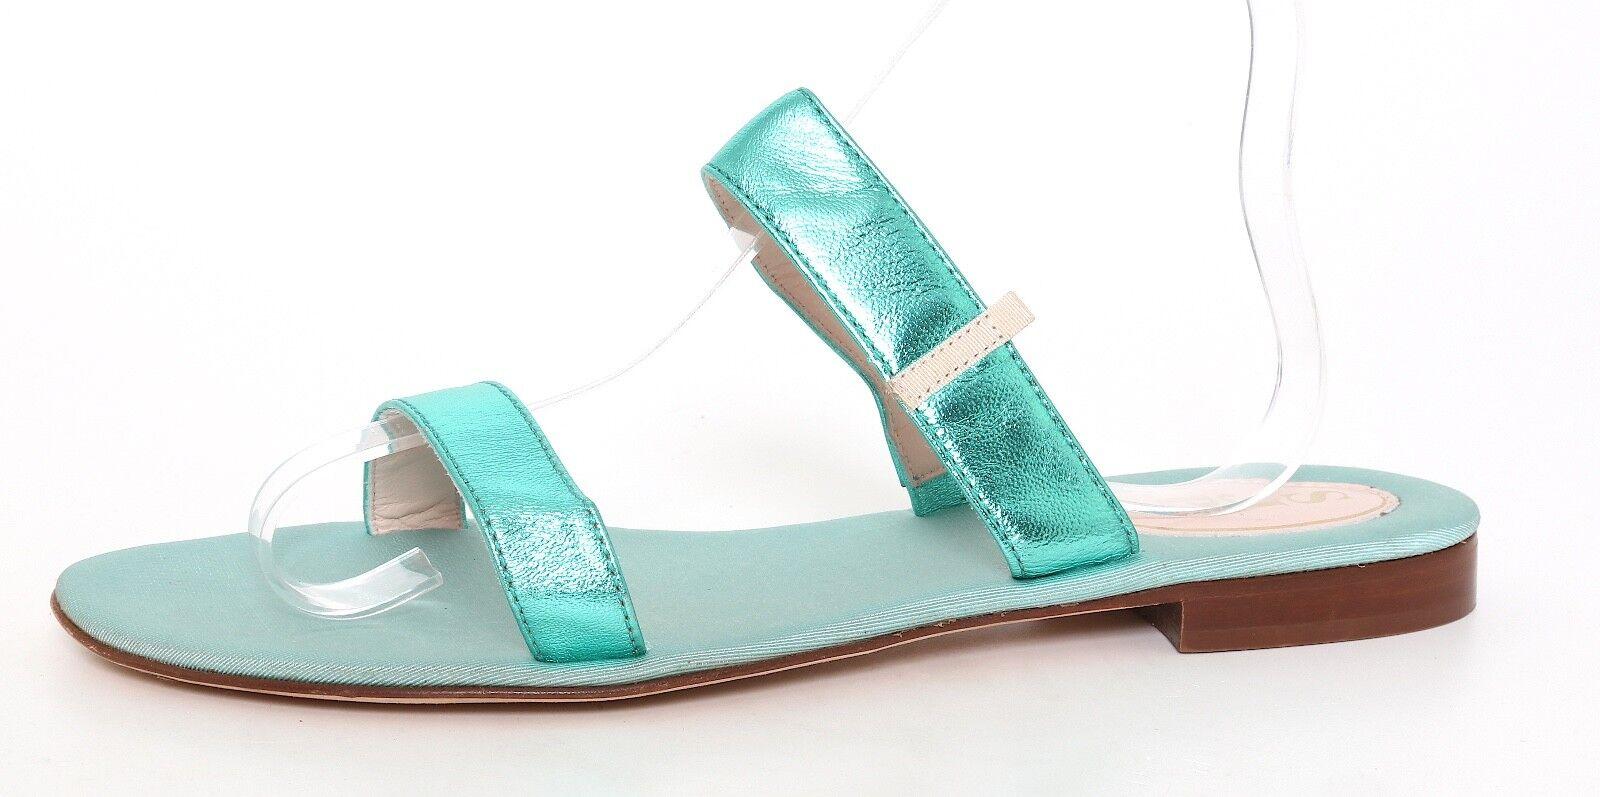 SJP Wallace Sandal Turquoise femmes Sz 39 EUR 1117